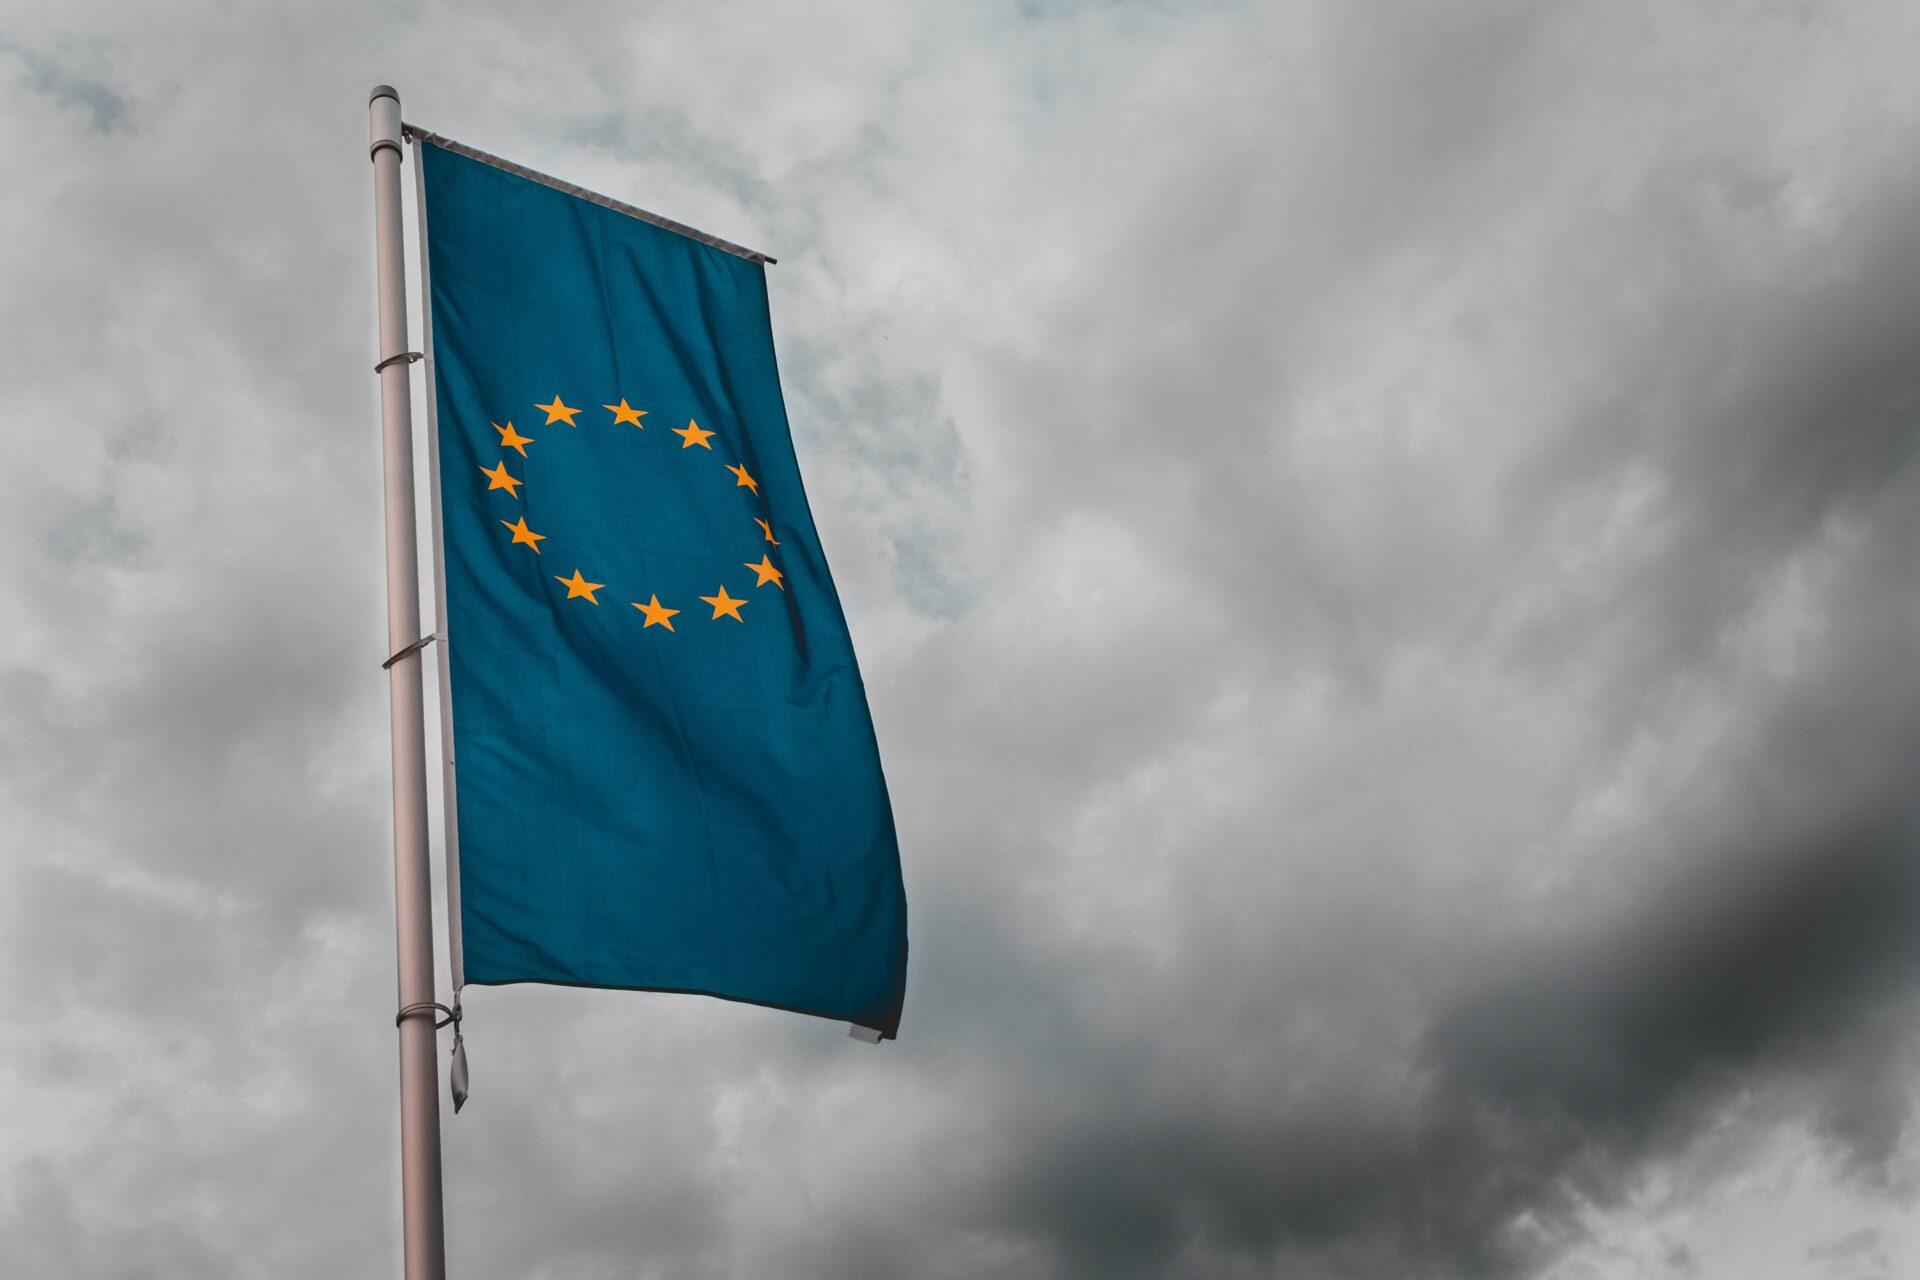 Trotz vieler Fürsprecher*innen erlebt das Projekt EU schwere Zeiten. Foto: unsplash.com